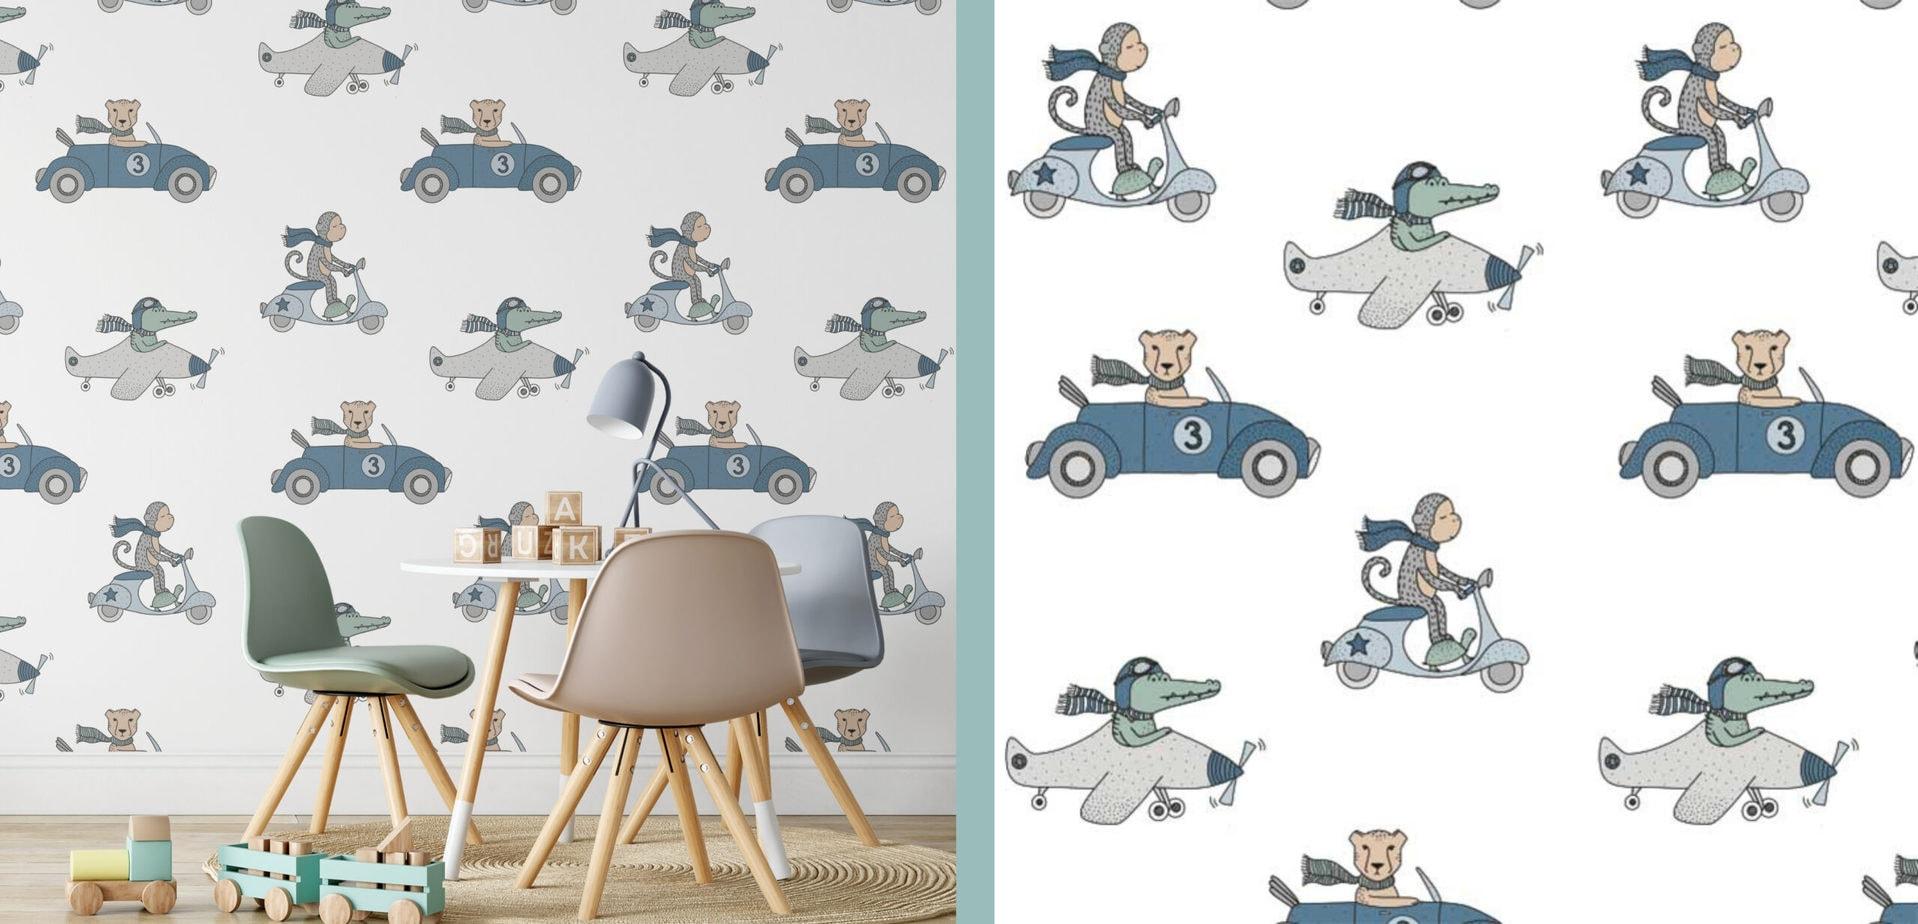 behang kinderkamer dieren voertuigen hiphuisje scaled